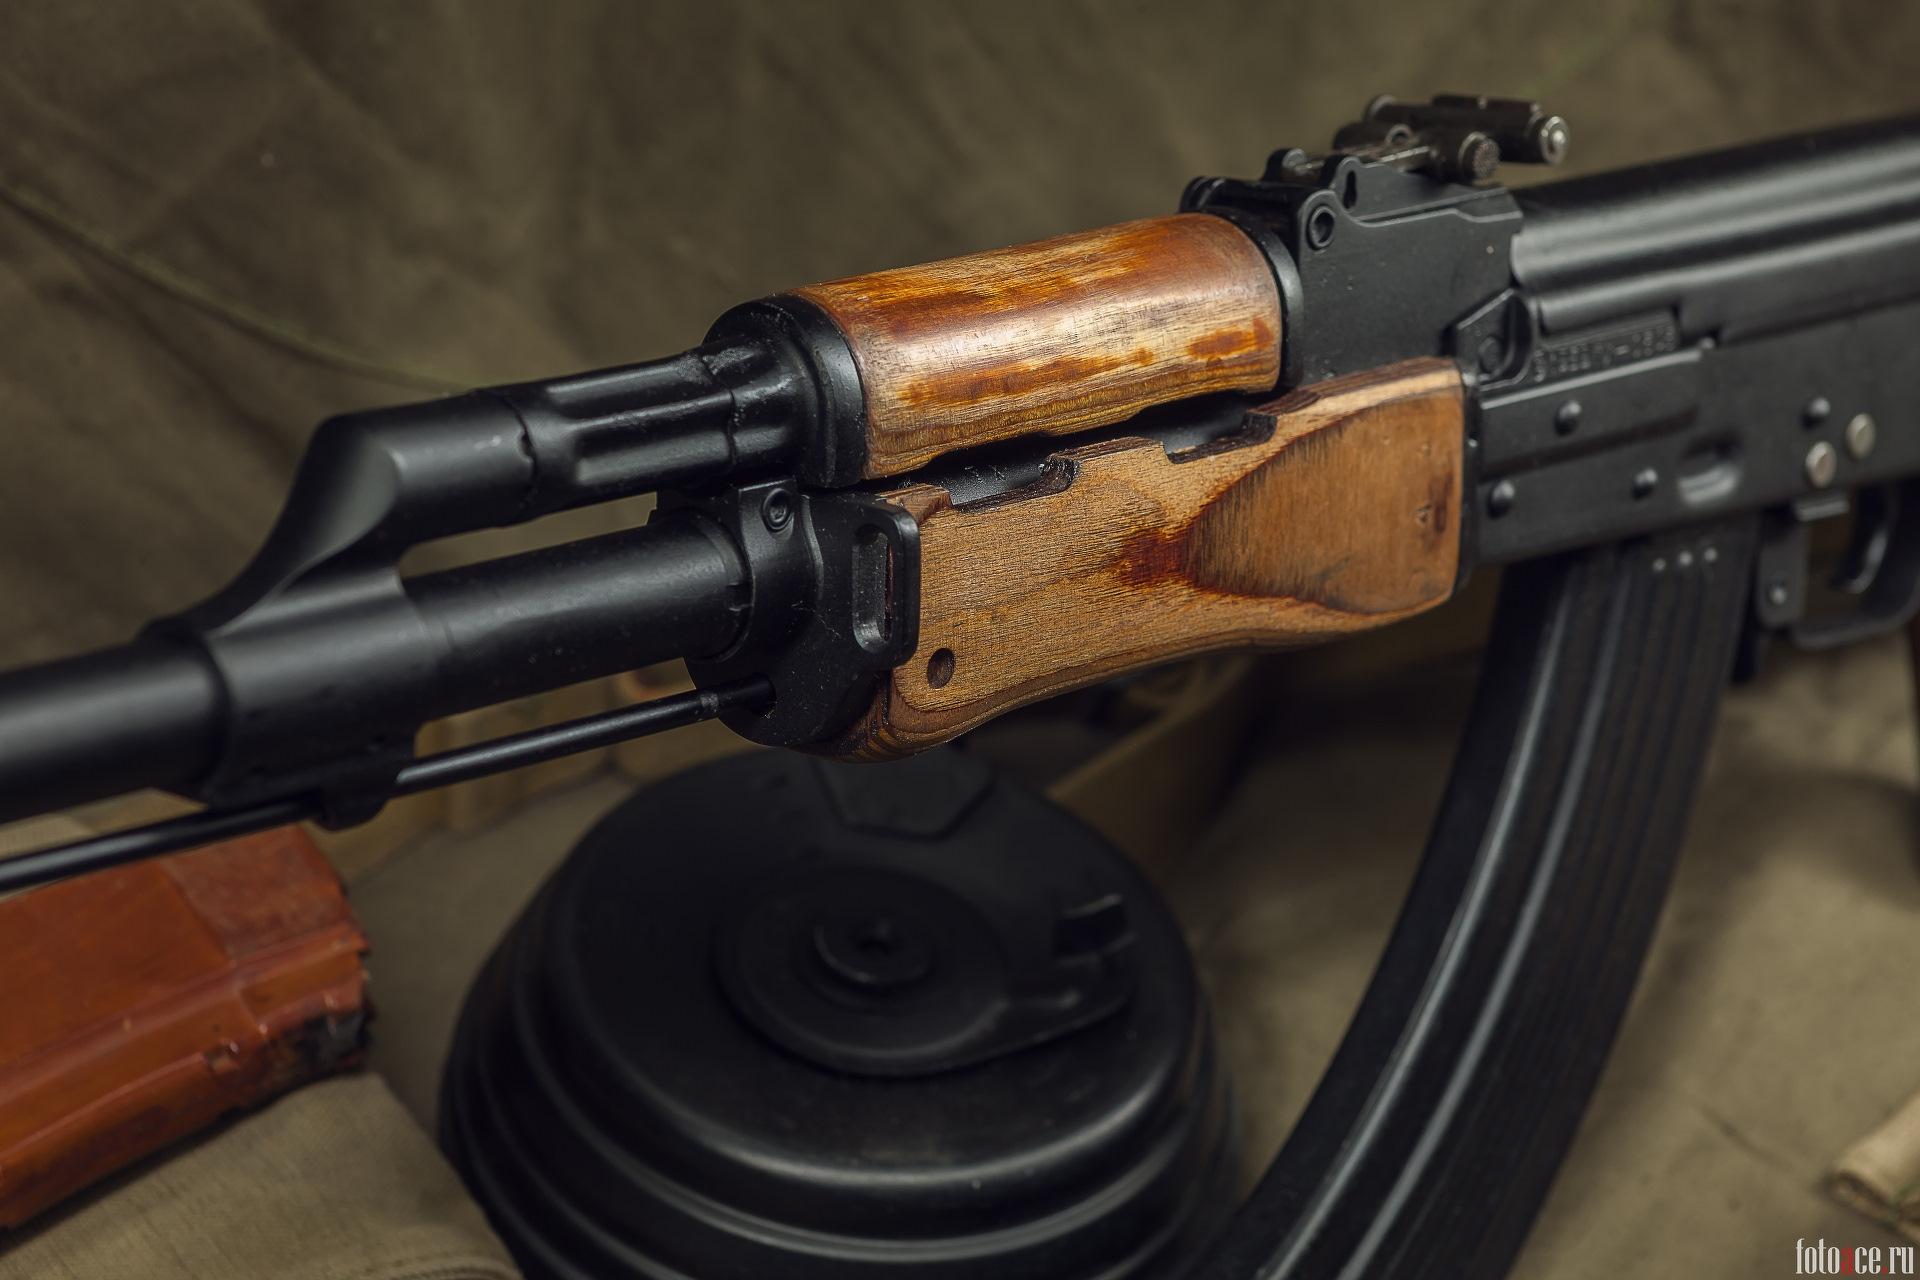 подробным описанием пулемет рпк фото главном самом